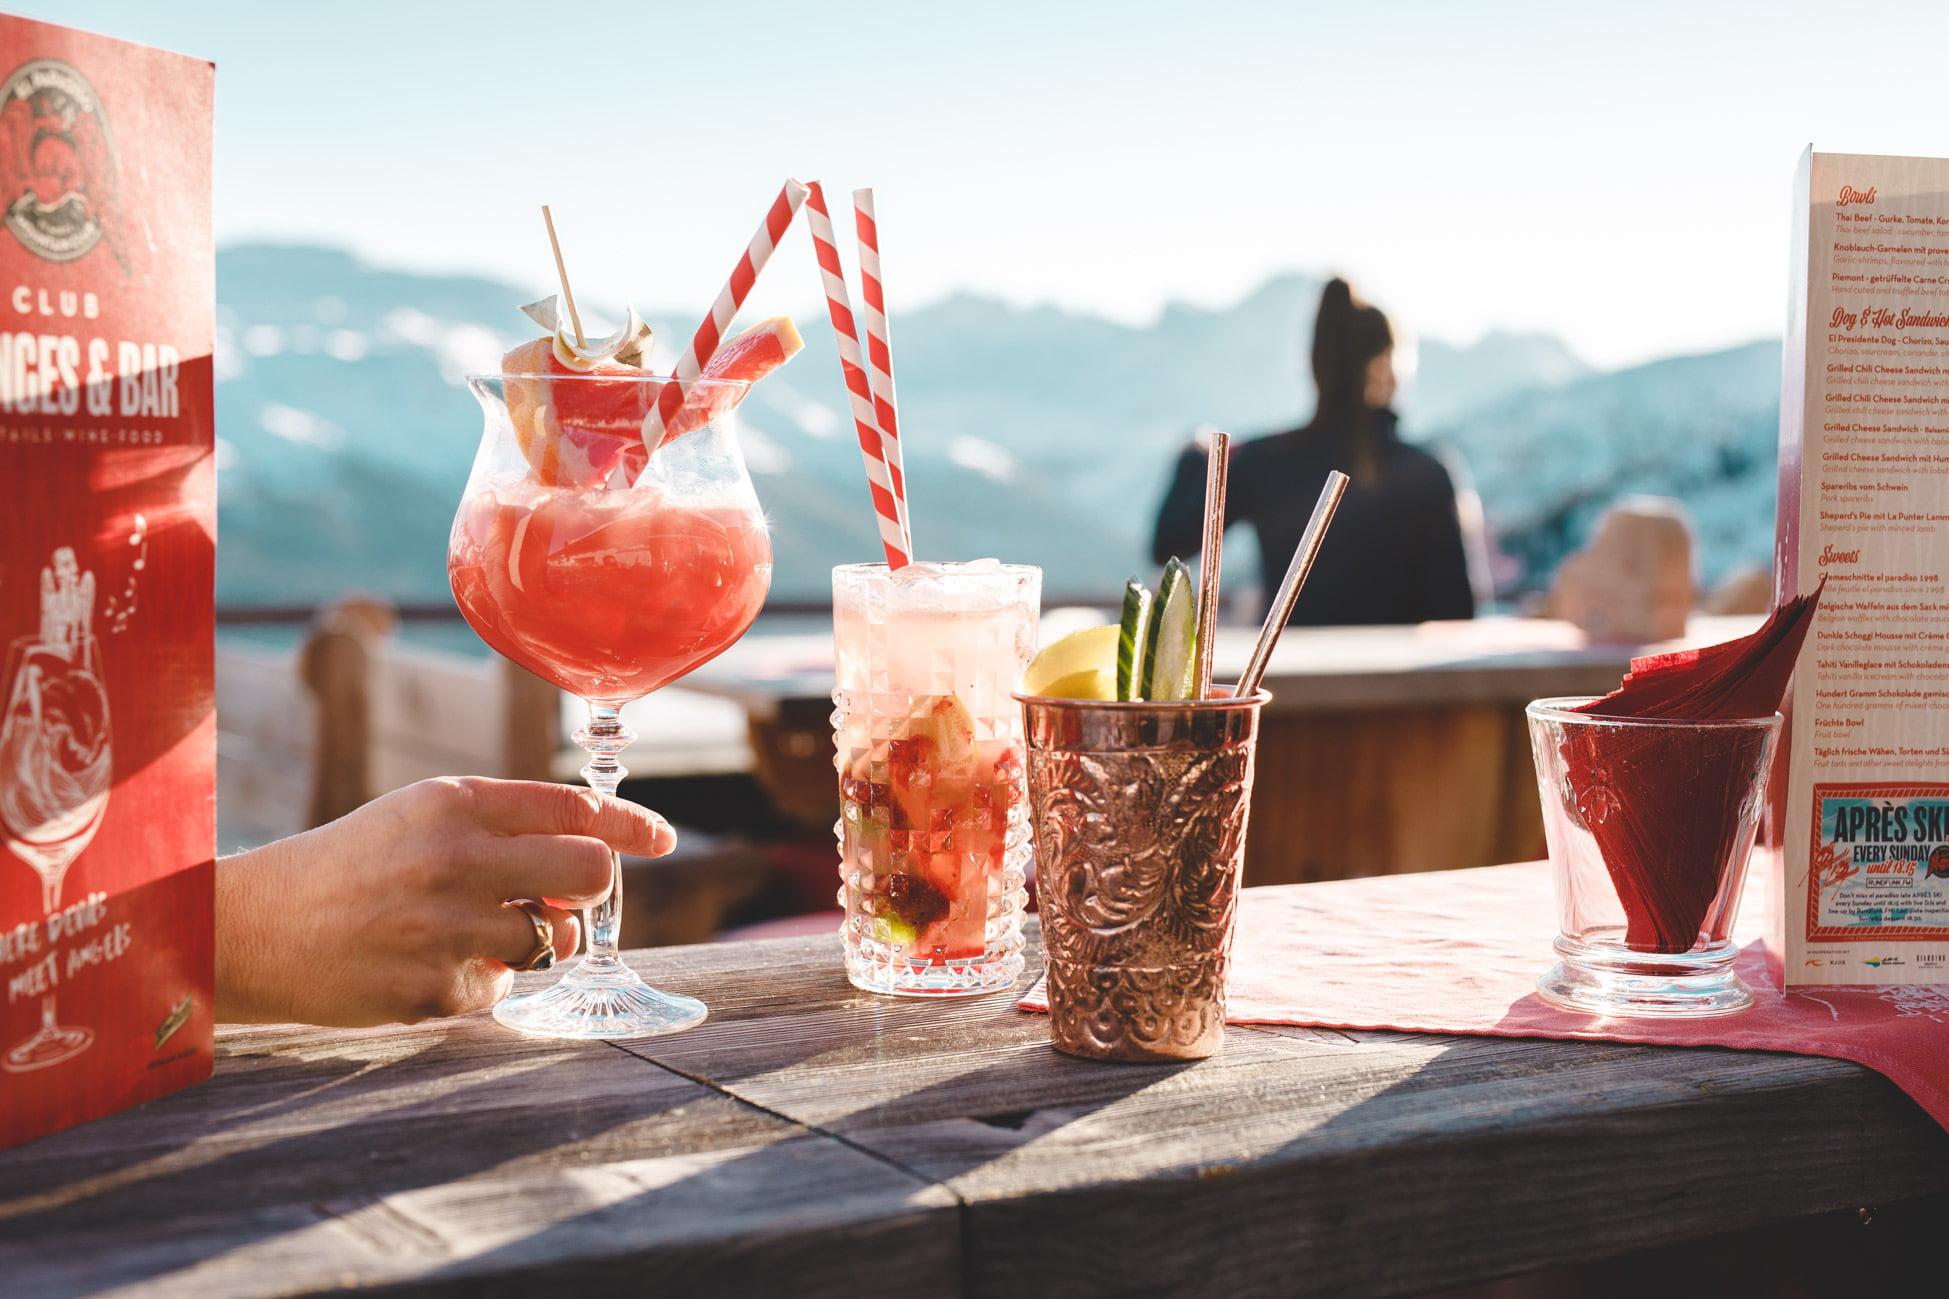 St. Moritz Mountain Life